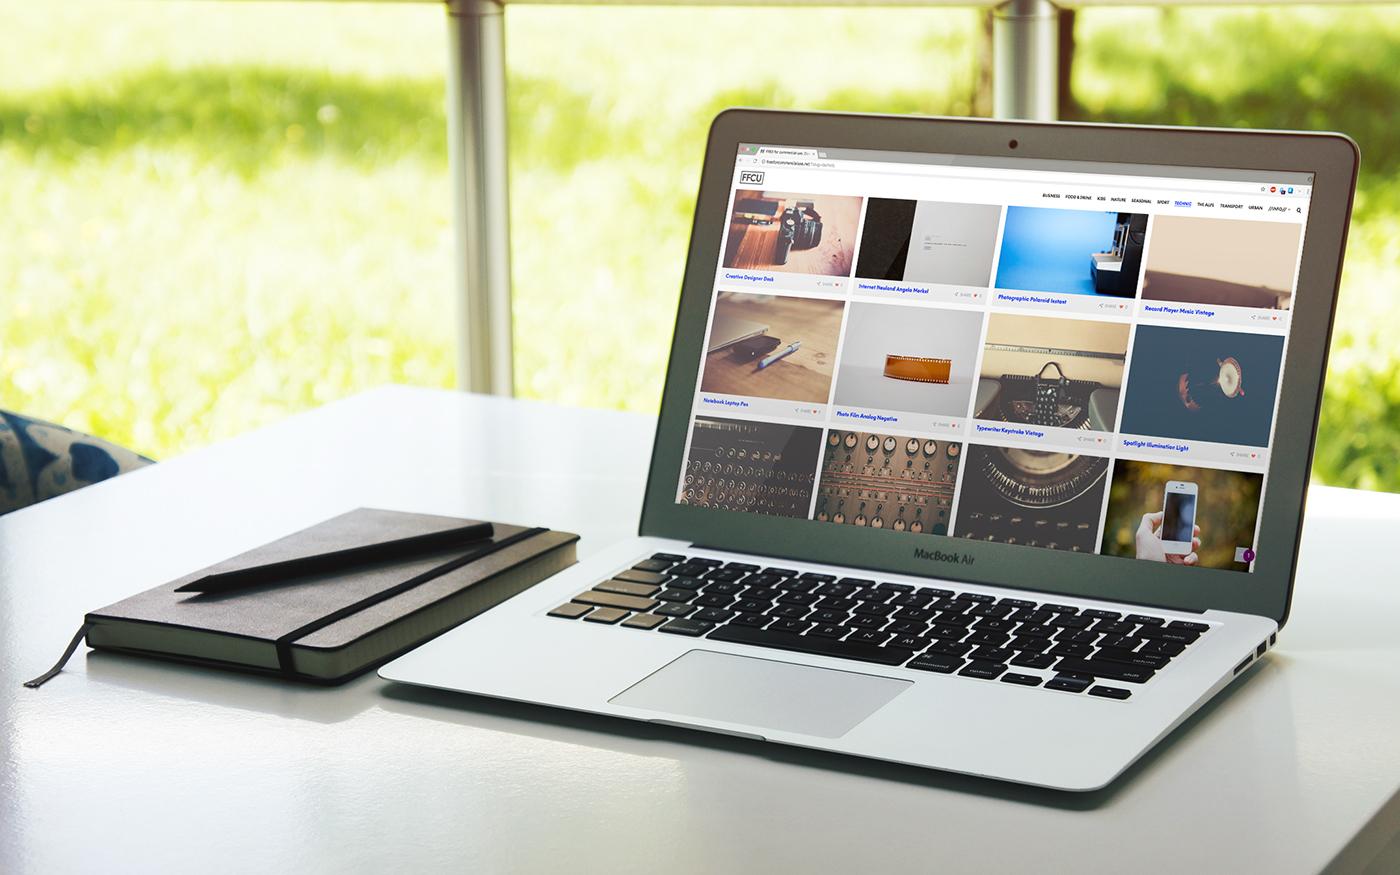 Как узнать марку и модель моего ноутбука